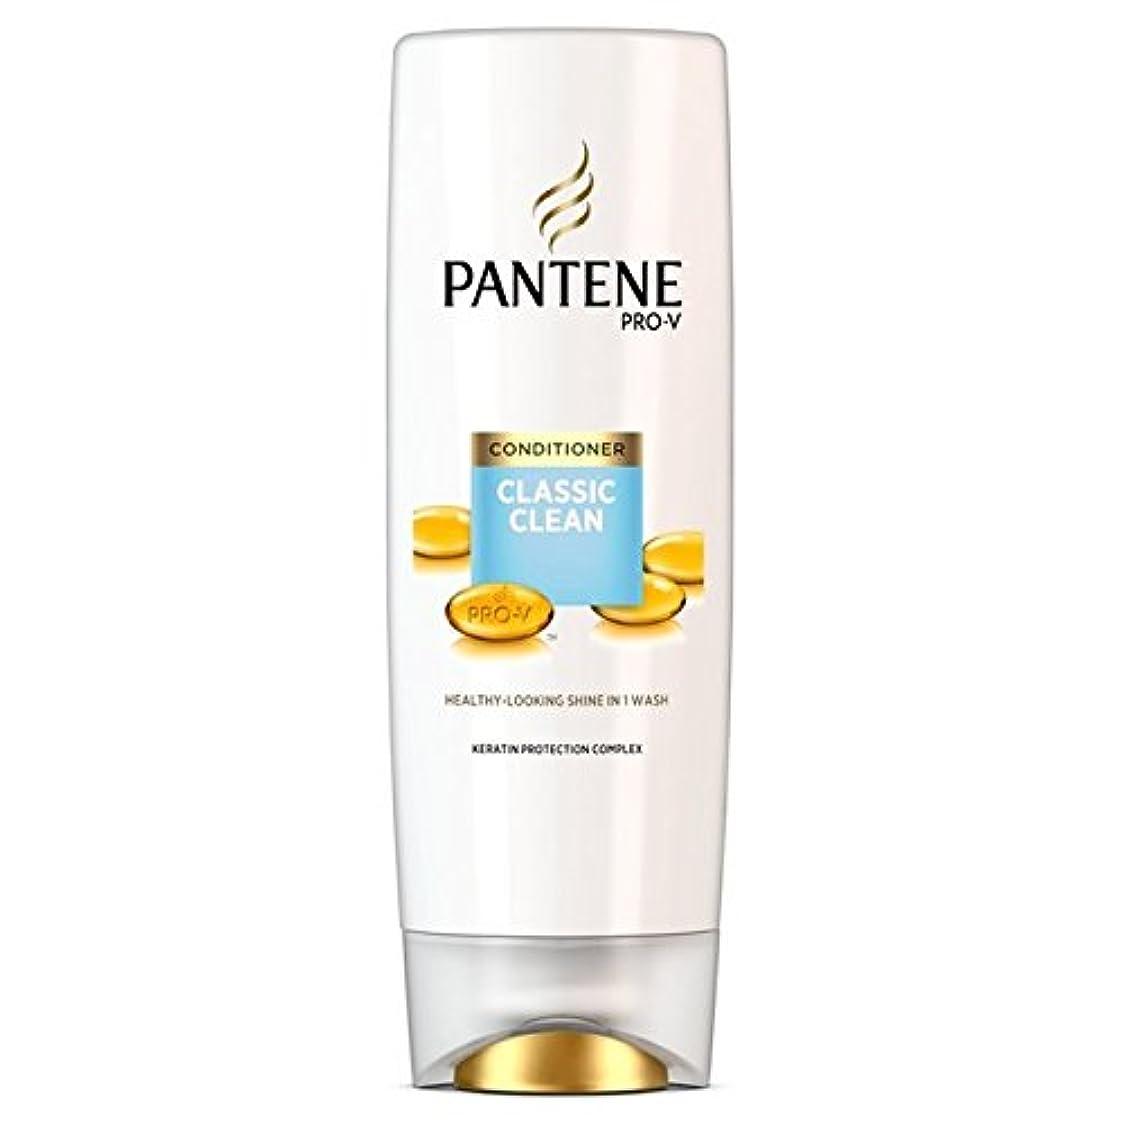 処分した目覚める地雷原Pantene Classic Clean Conditioner 360ml (Pack of 6) - パンテーン古典的なクリーンコンディショナー360ミリリットル x6 [並行輸入品]